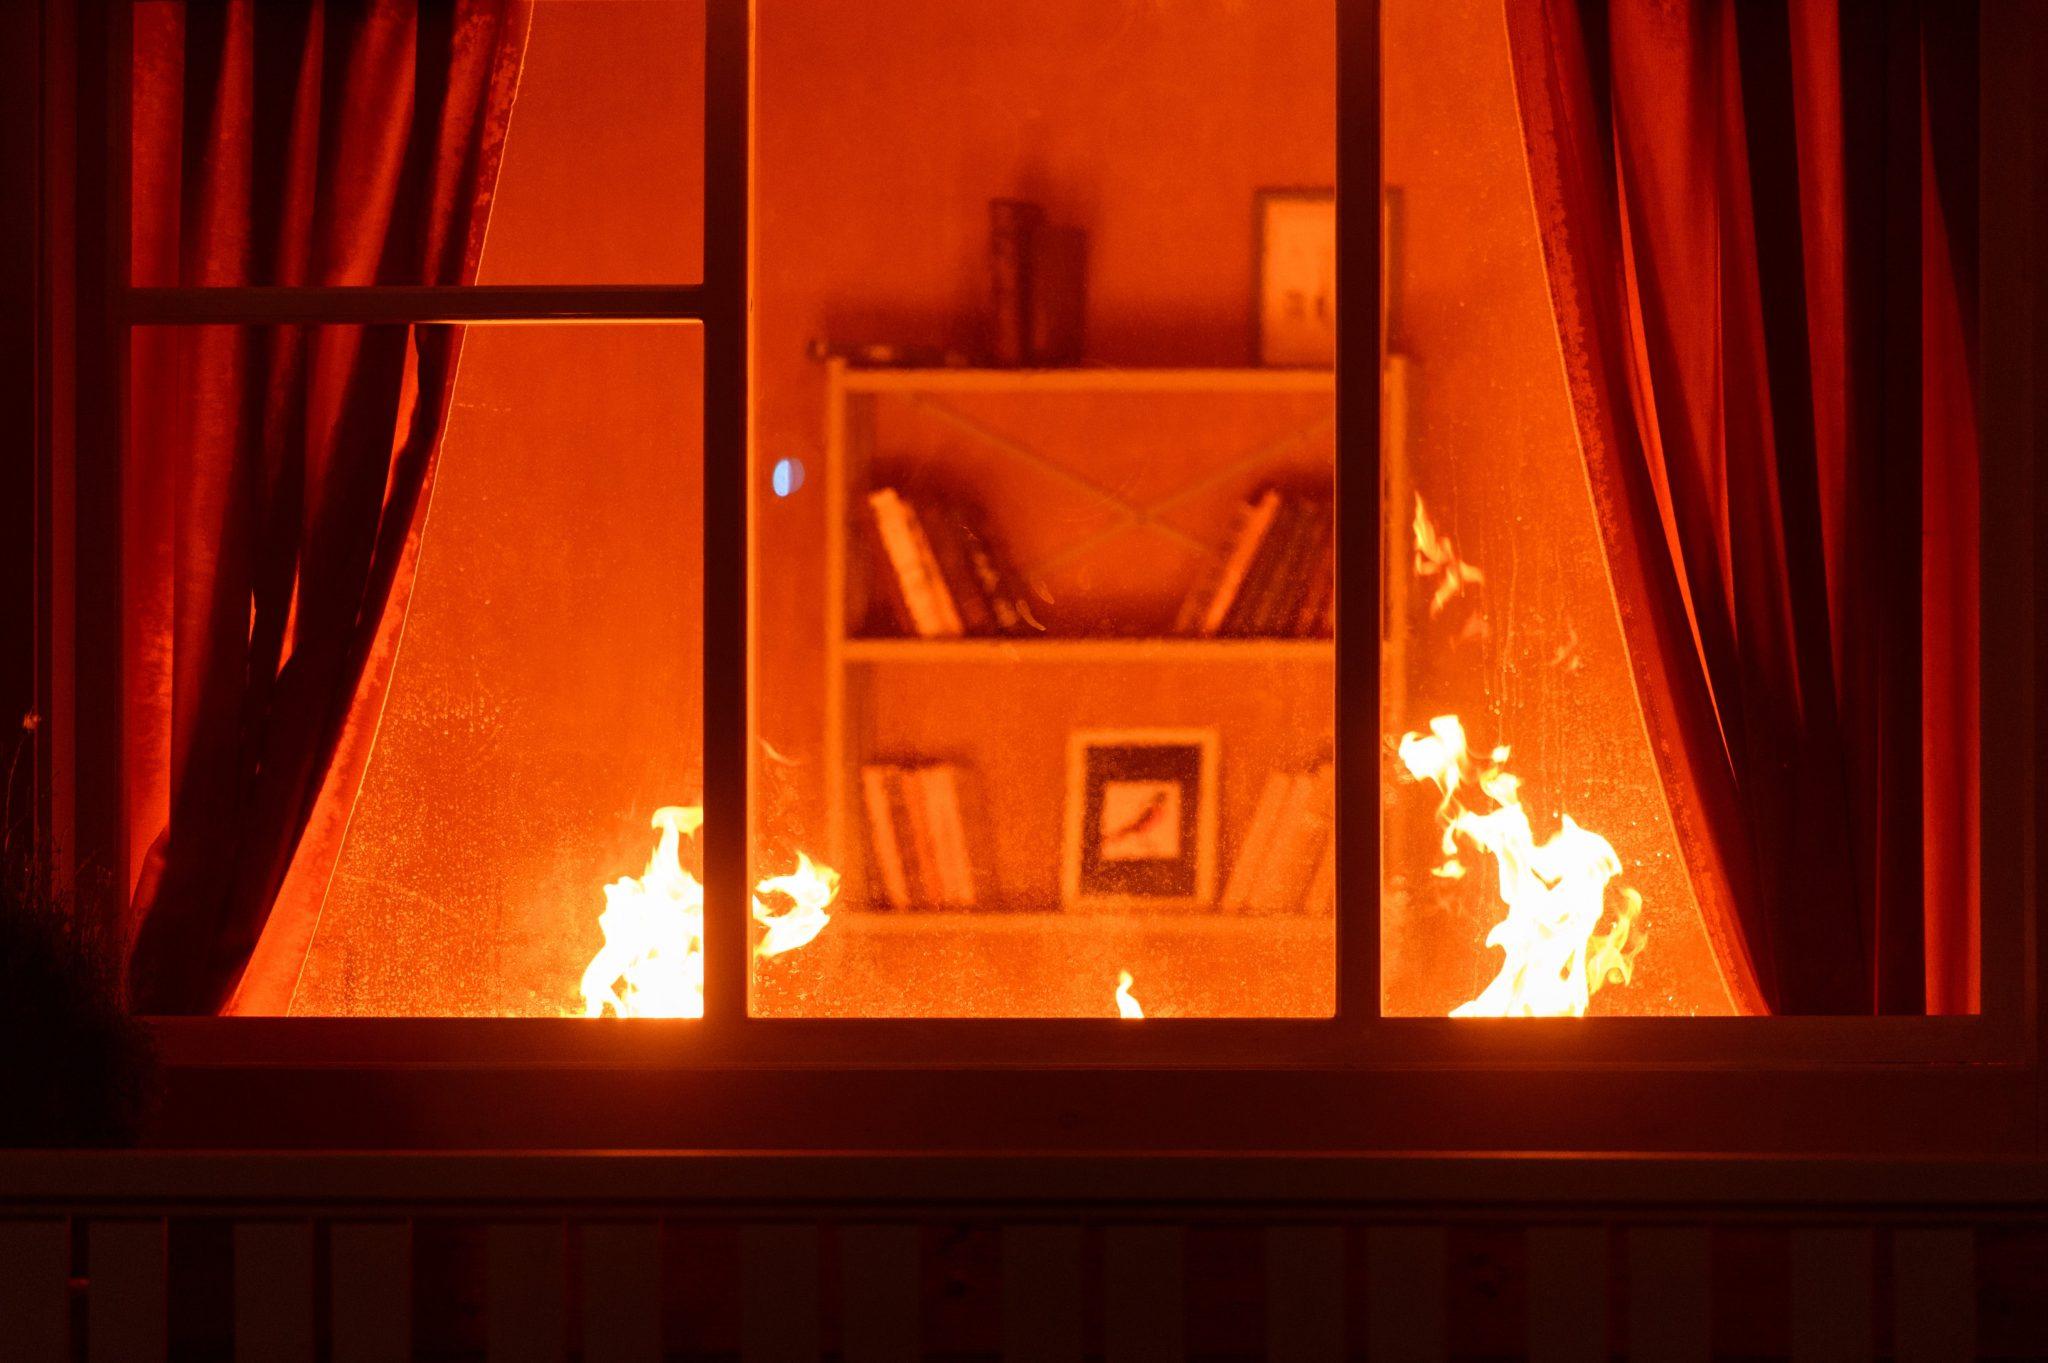 fönster in till ett brinnande rum